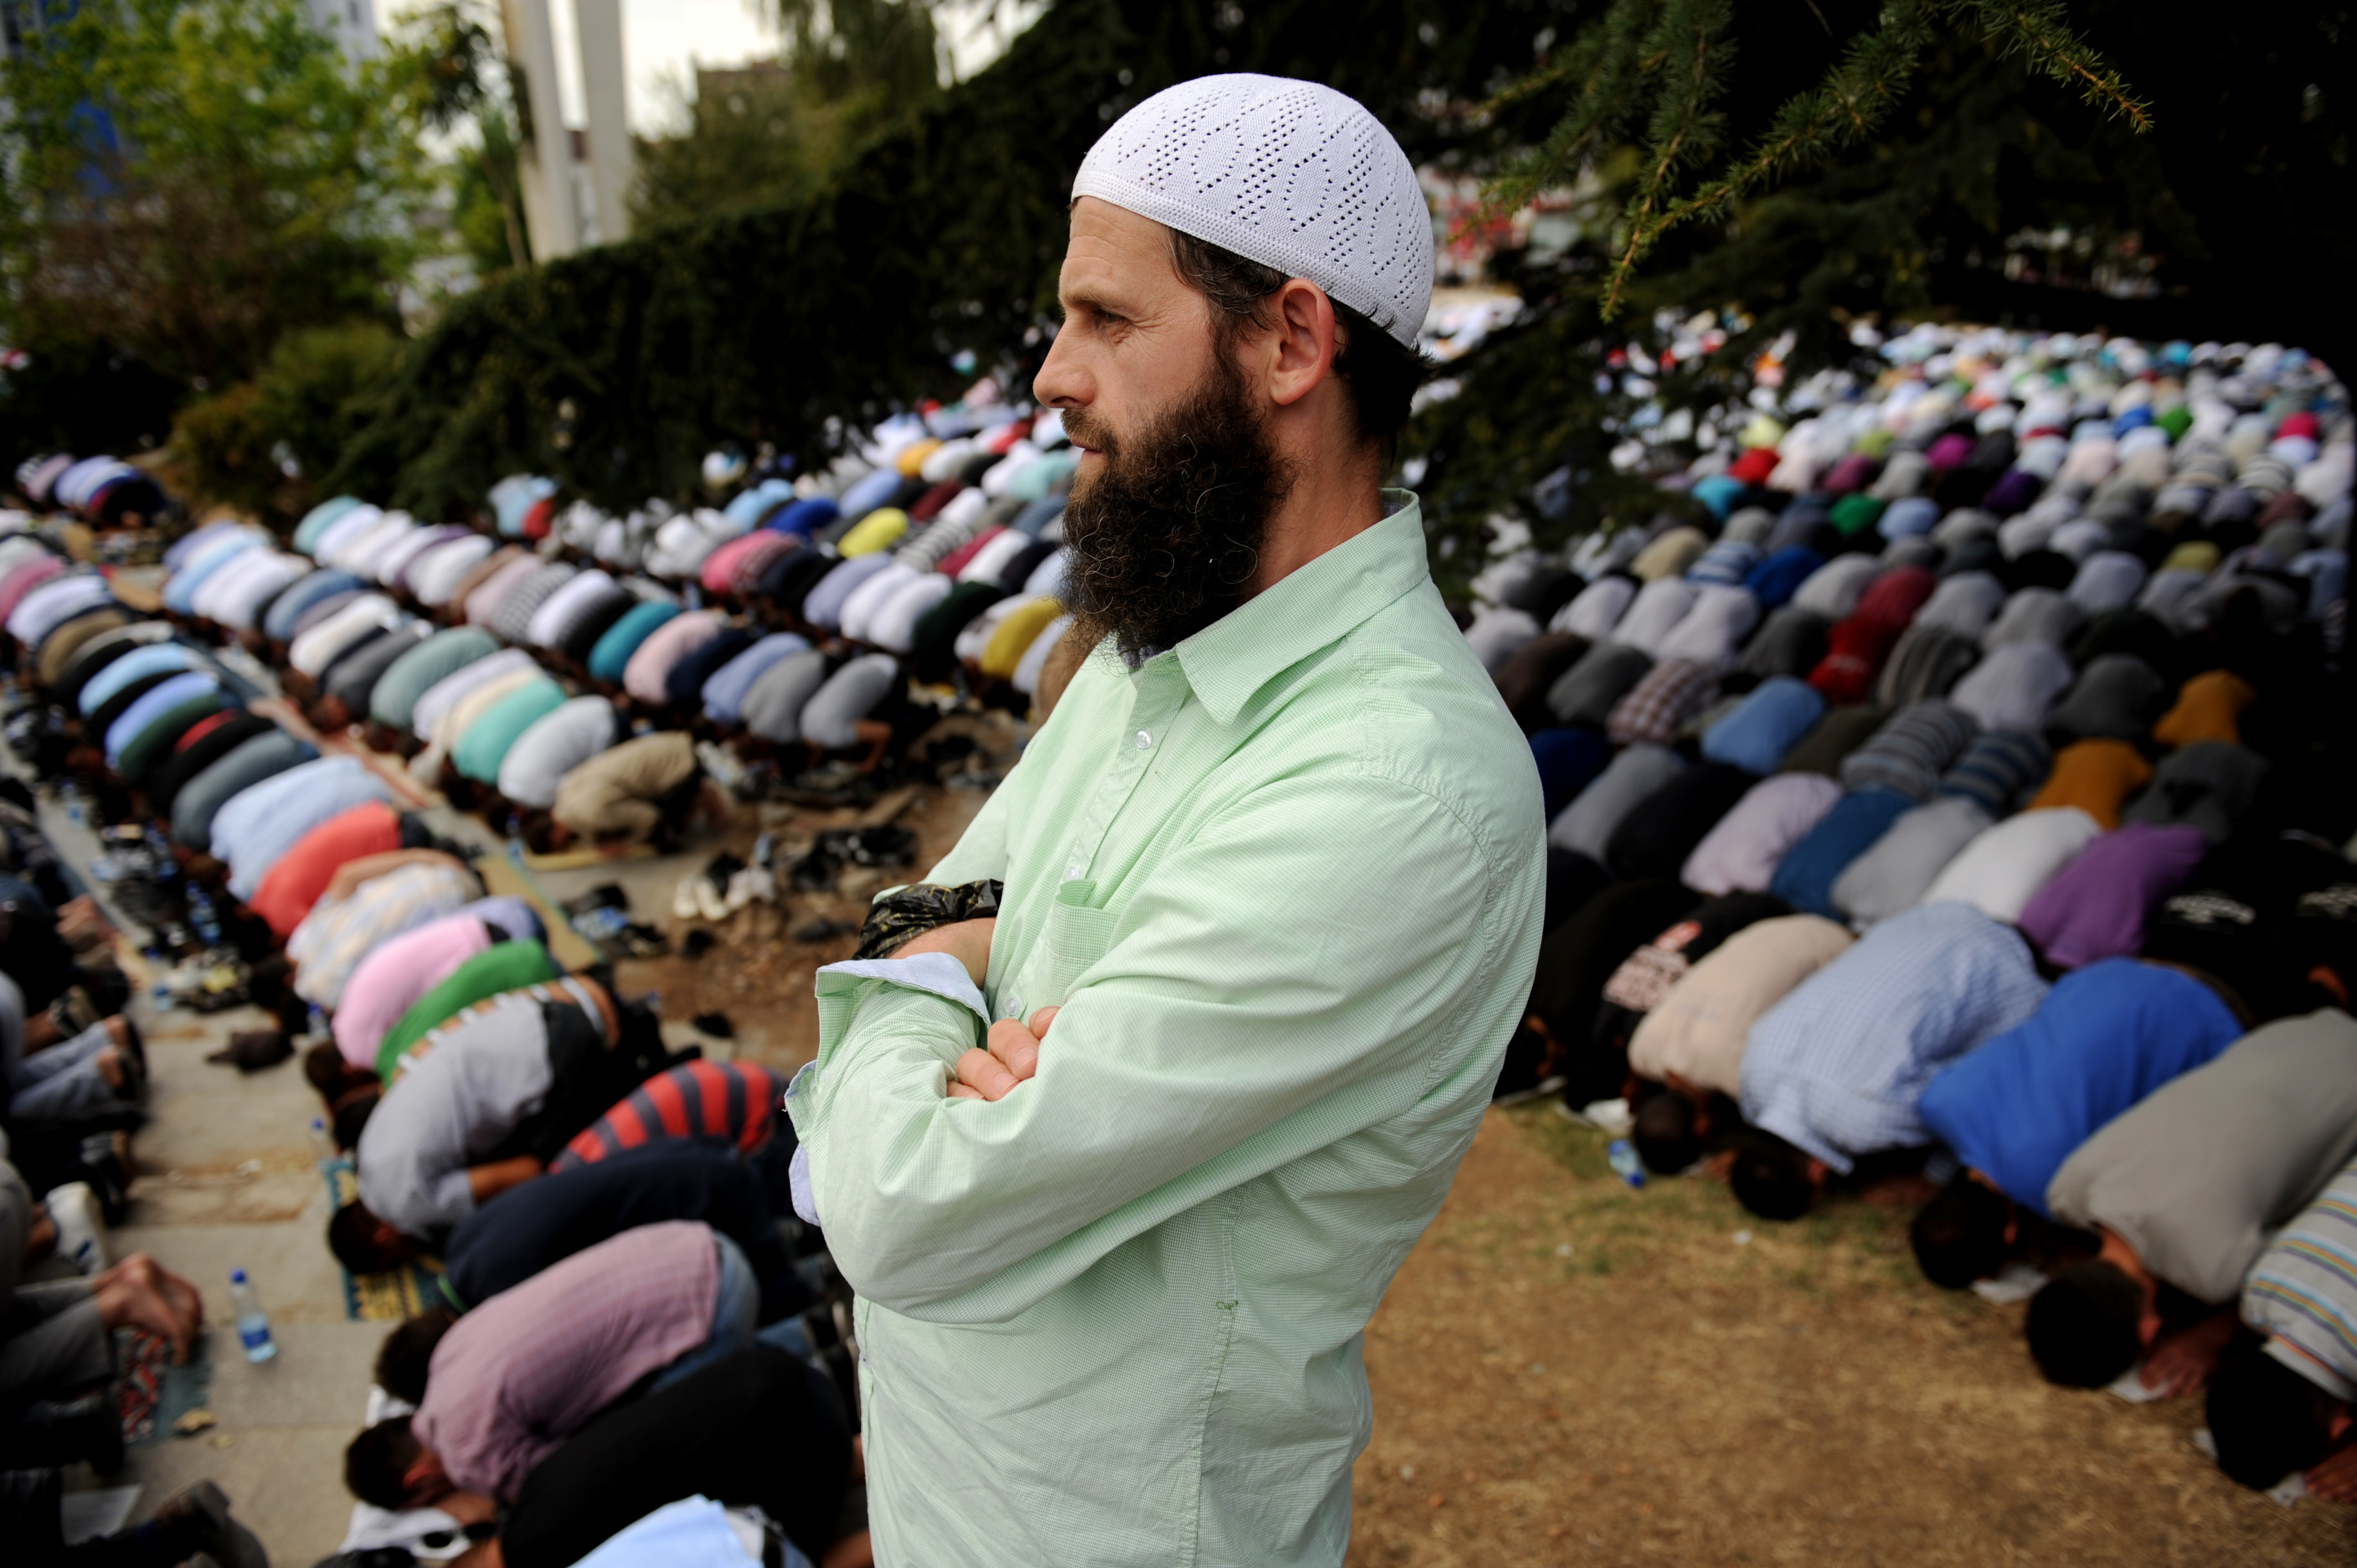 egy muszlim pénisz)